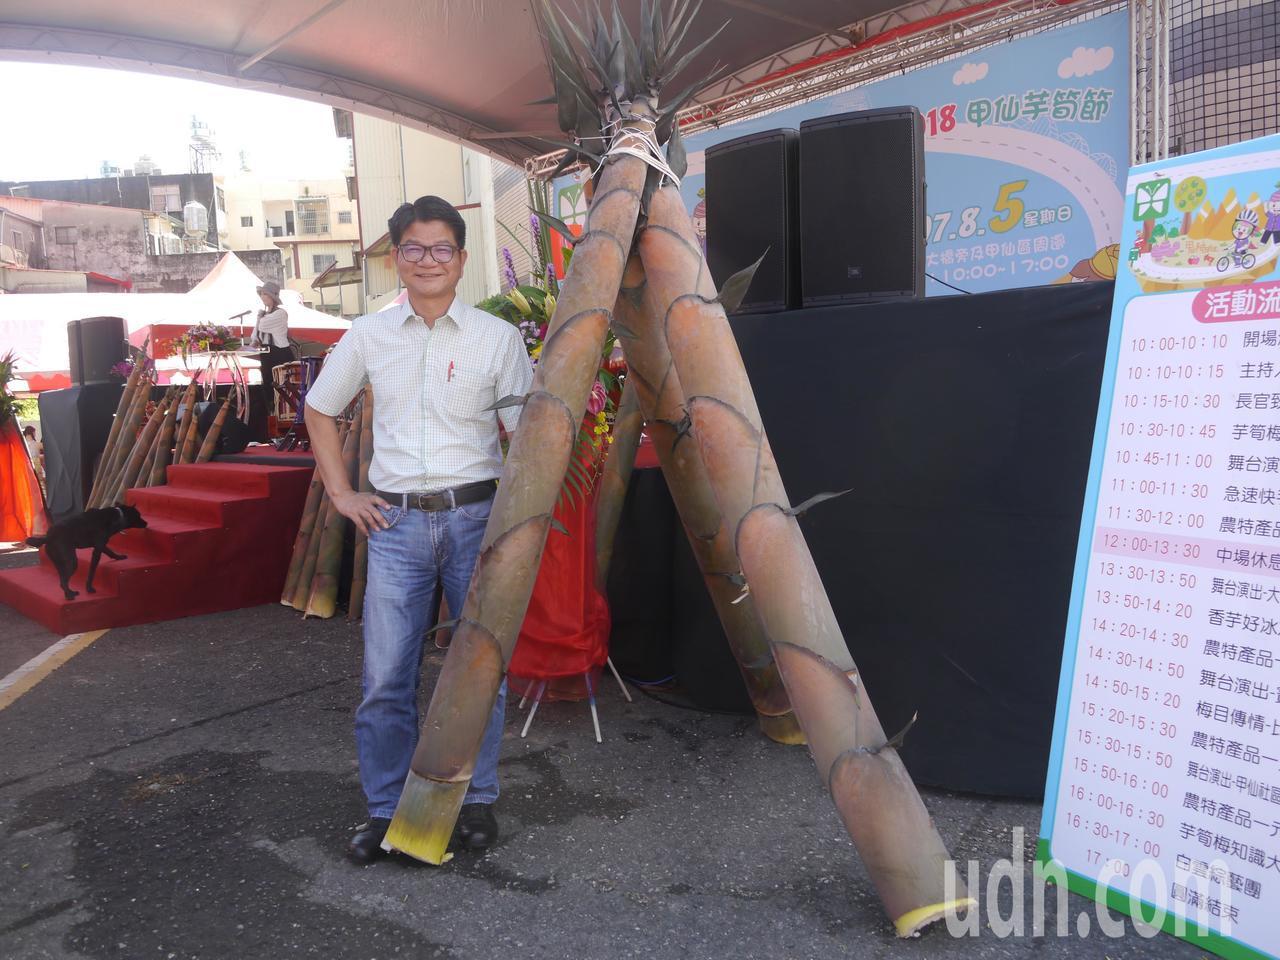 高市府農業局長鄭清福身高175公分,身旁的竹筍比他還高。記者徐白櫻/攝影